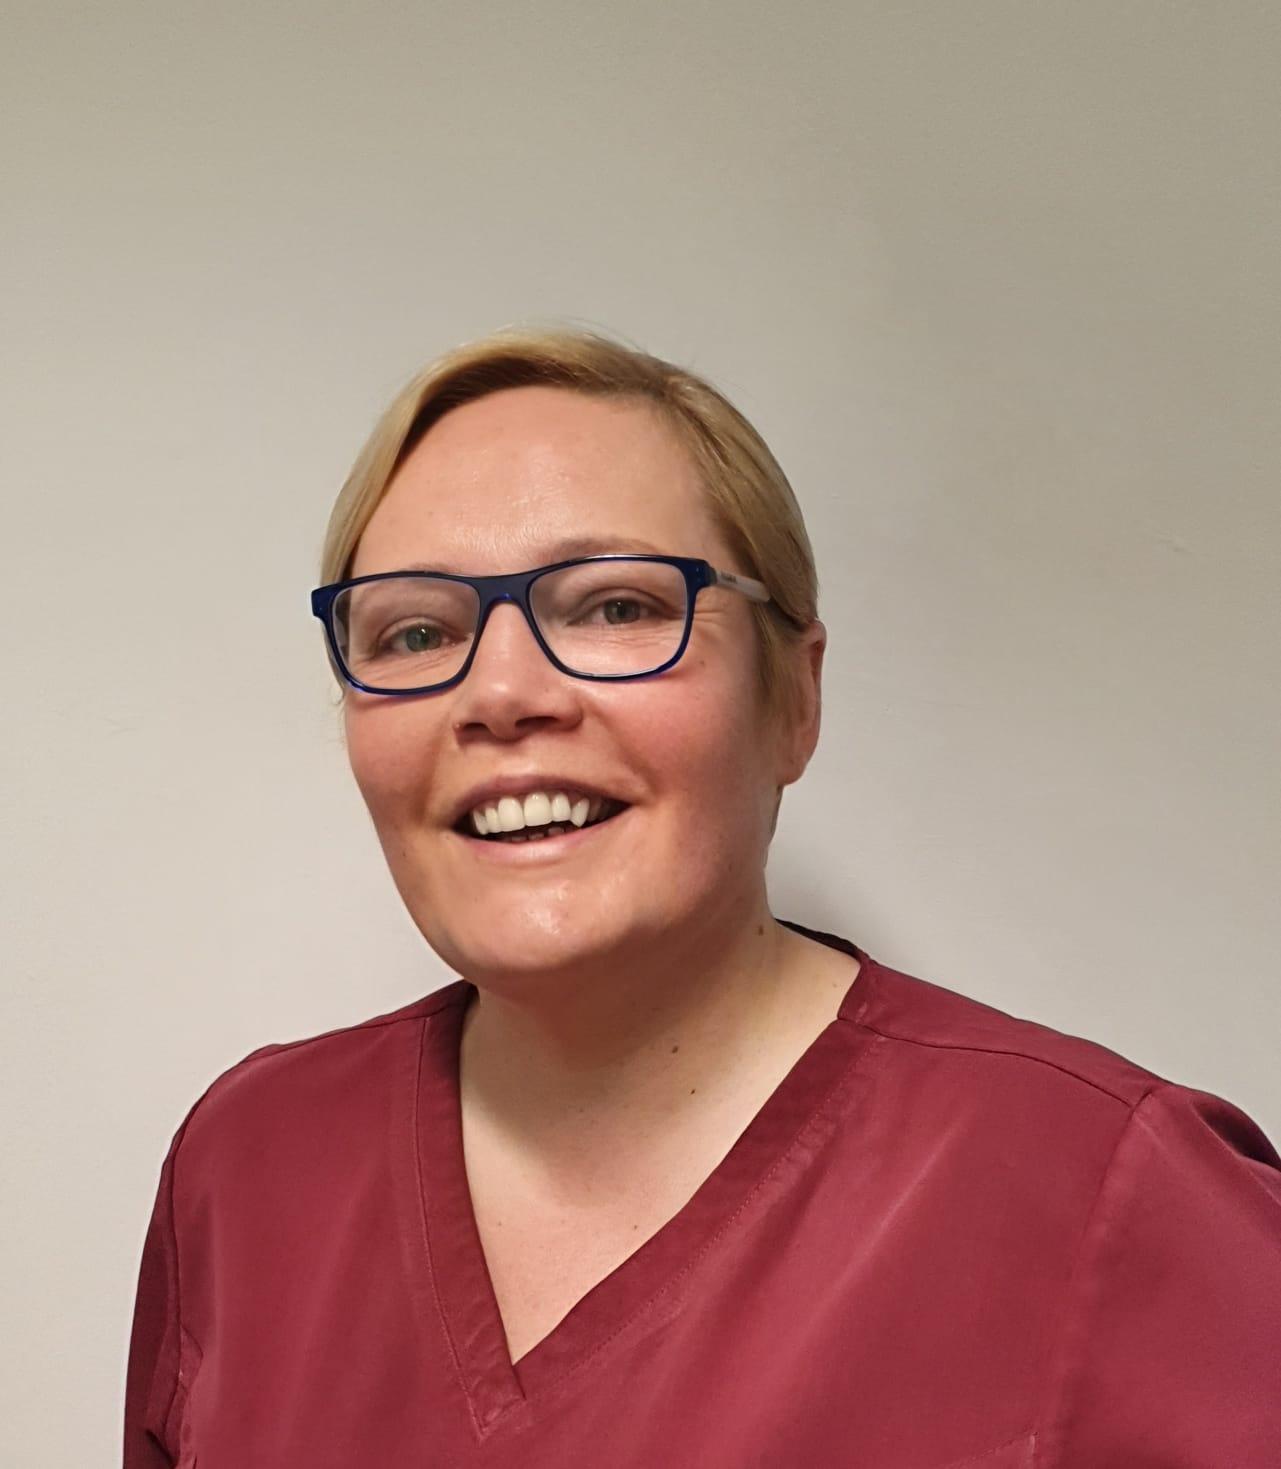 Charlotte Lange, Dental Hygienist at Etwall Dental Practice